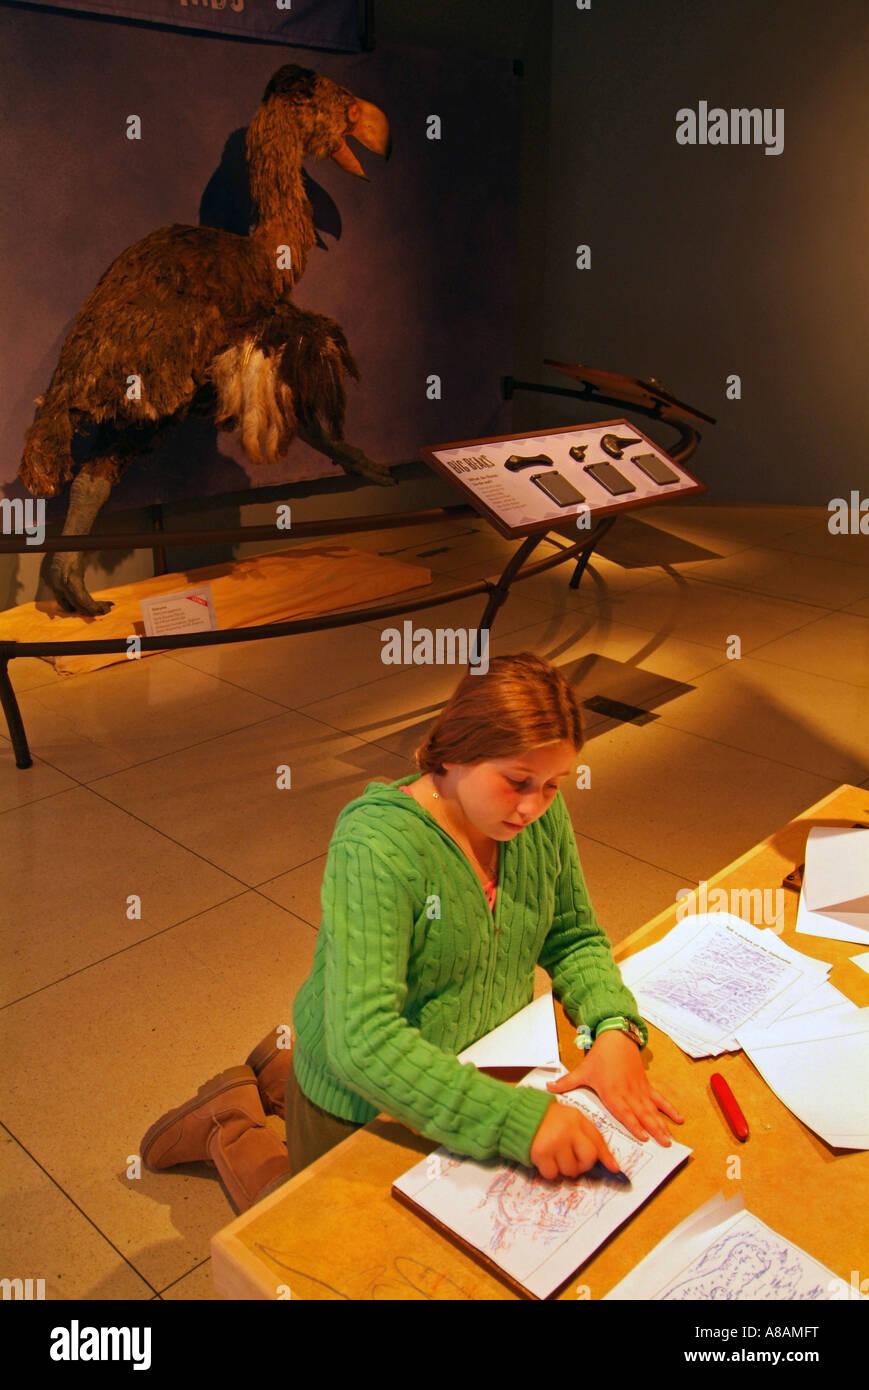 USA Washington DC National Geographic Explorer's Hall - Stock Image